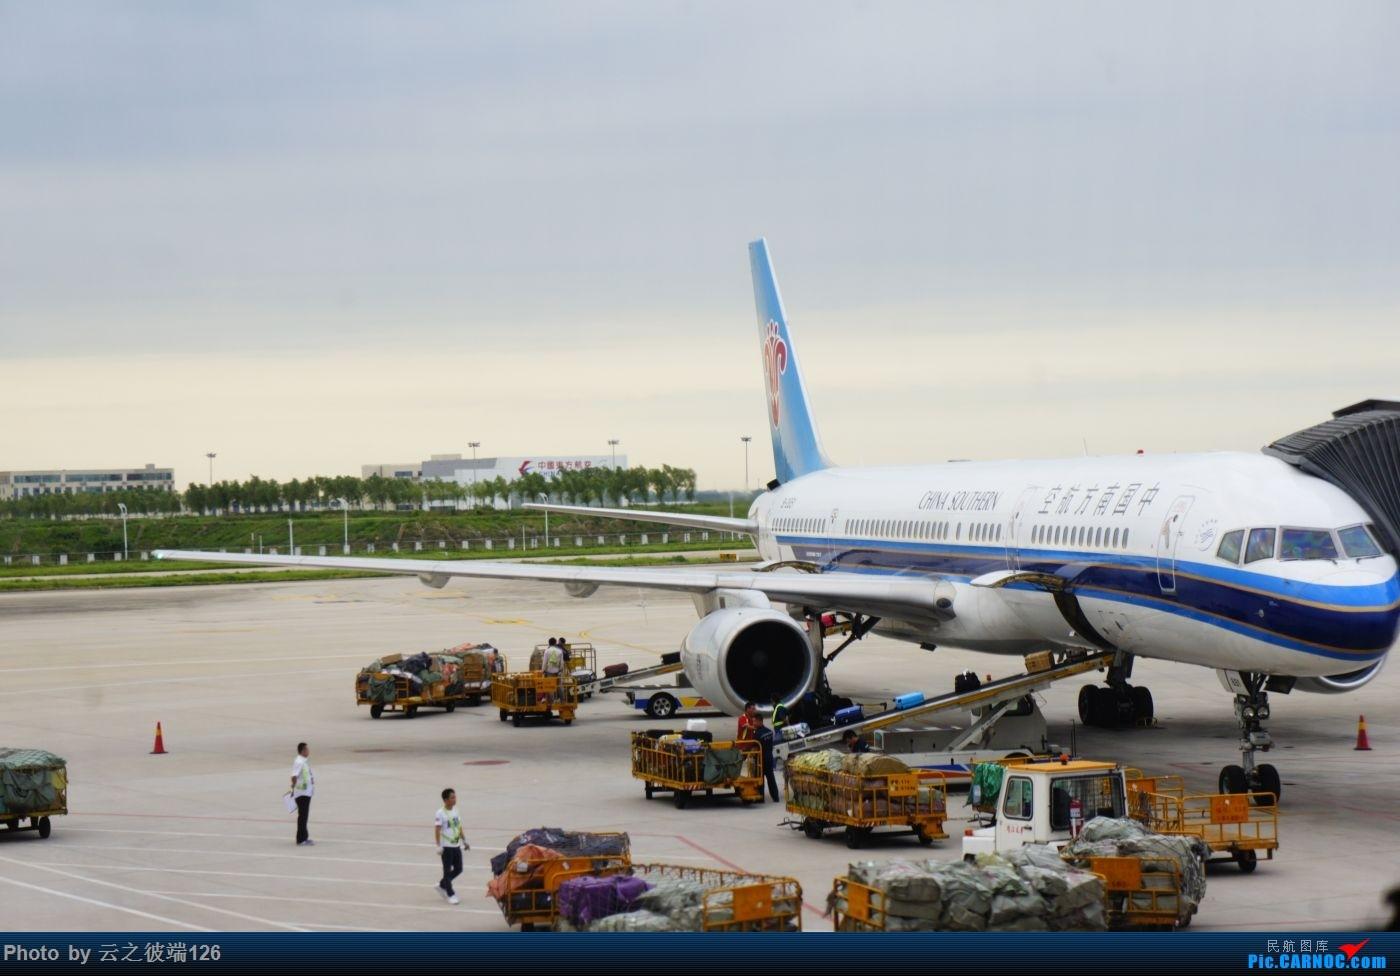 Re:[原创]---步入中原,时隔三年意外遇见你 NKG-XIY-HFE--- BOEING 757-200 B-2851 中国合肥新桥国际机场